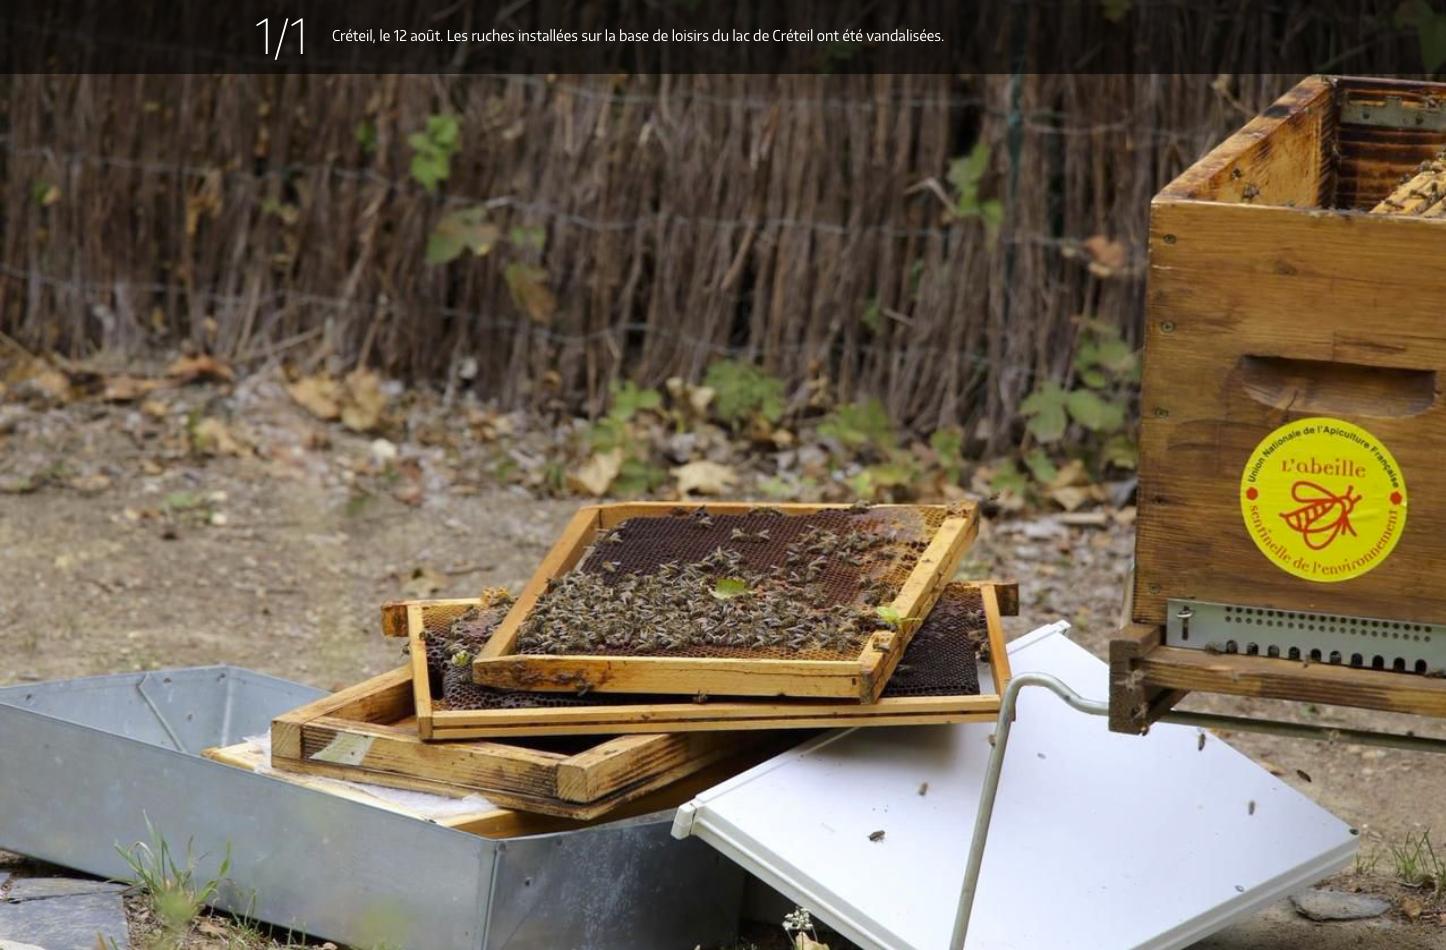 Créteil, le 12 août. Les ruches installées sur la base de loisirs du lac de Créteil ont été vandalisées.